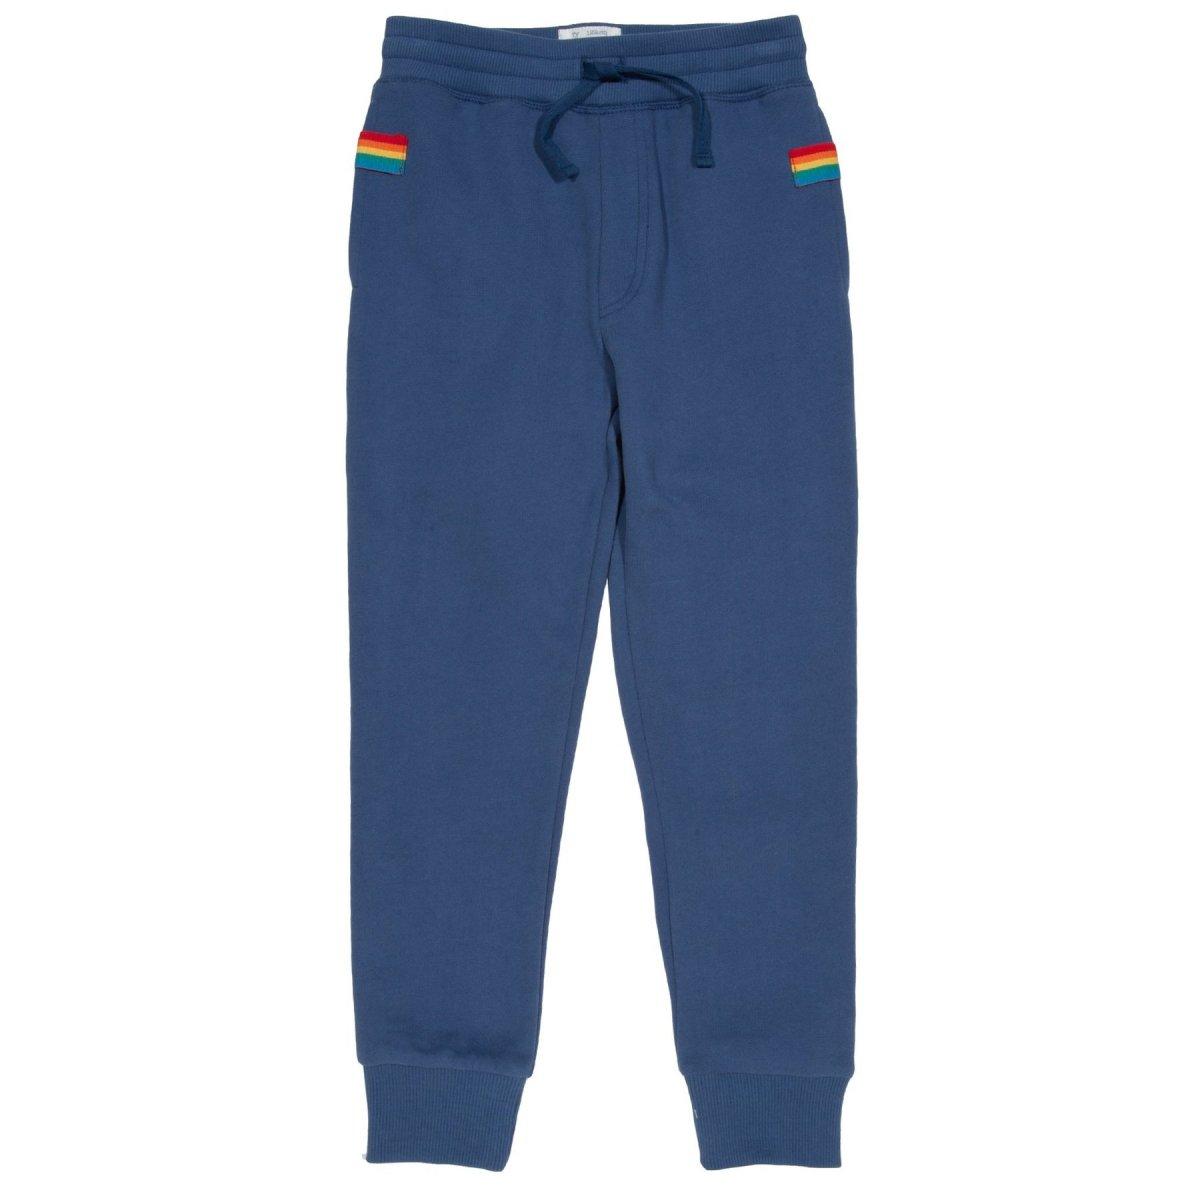 Pantaloni tuta per bambino Side Stripe in felpa di cotone biologico